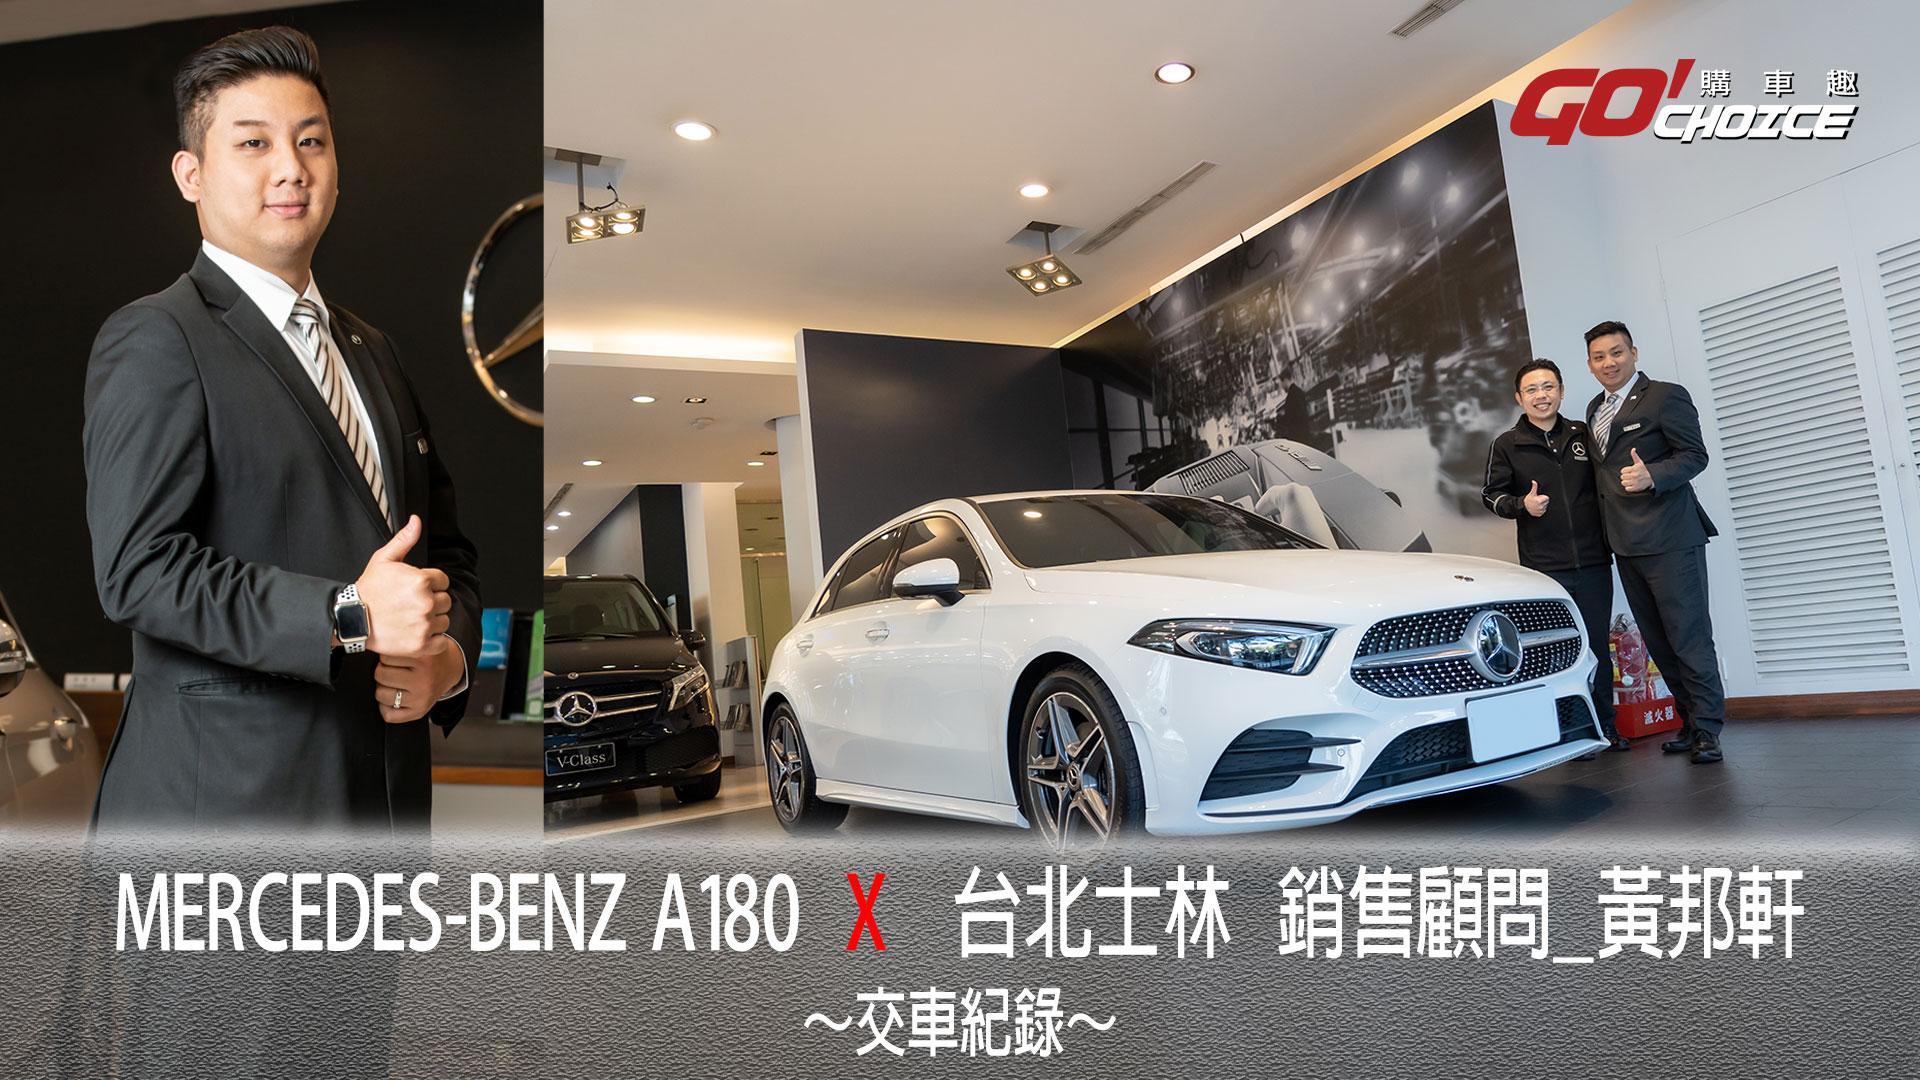 交車紀錄影片 Mercedes-Benz A180_賓士 士林 銷售顧問_黃邦軒